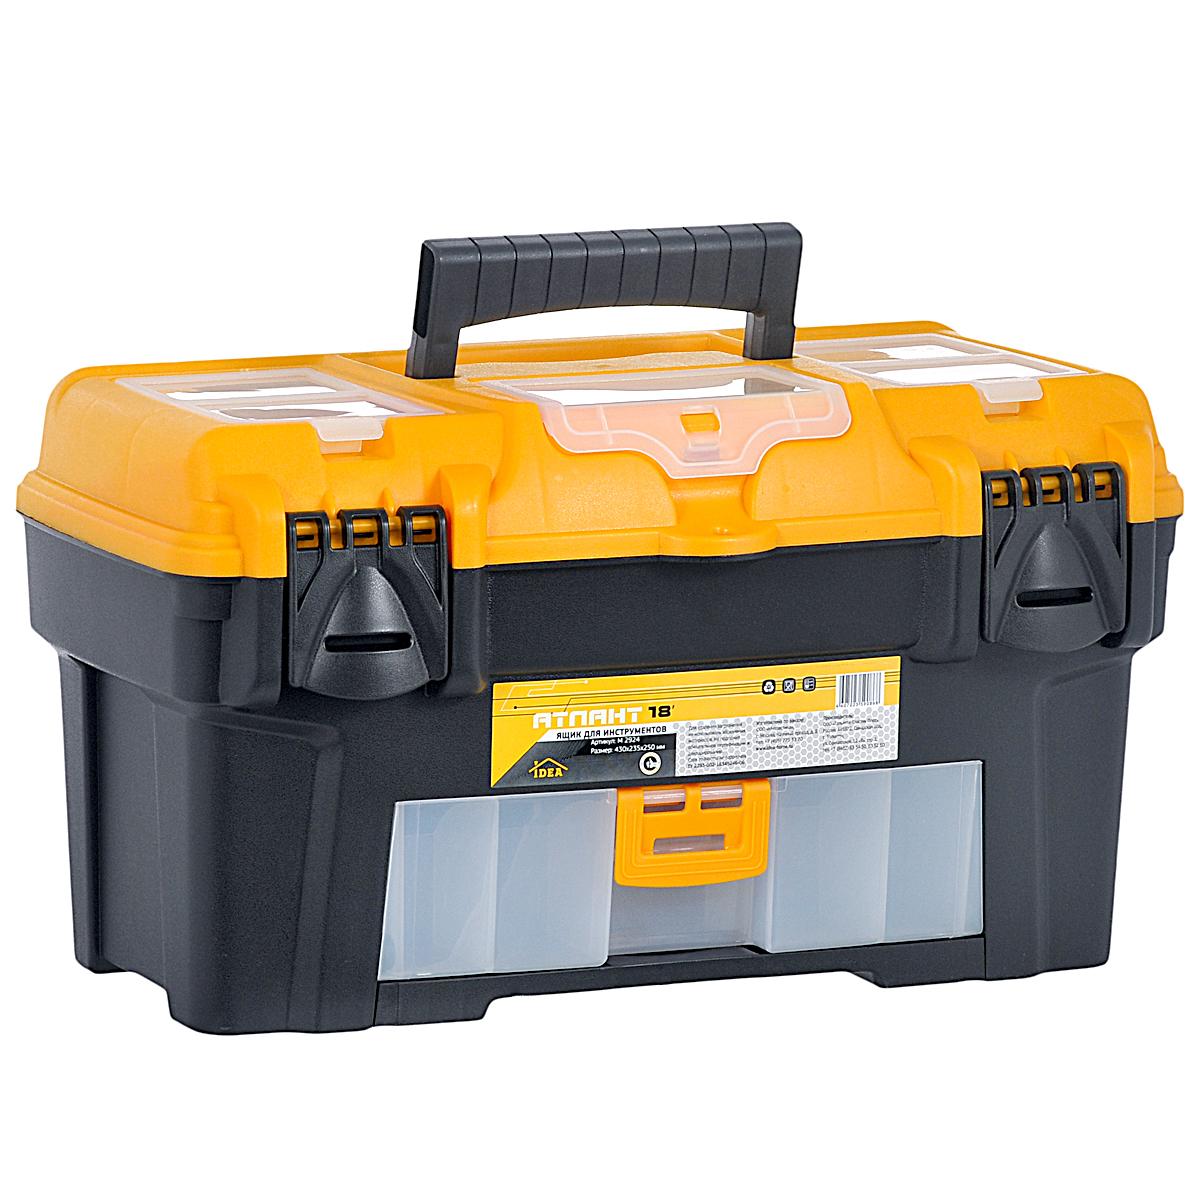 Ящик для инструментов Idea Атлант 18, с органайзером, 43 см х 23,5 см х 25 смМ 2924Ящик Idea Атлант 18 изготовлен из прочного пластика и предназначен для хранения и переноски инструментов. Вместительный, внутри имеет большое главное отделение. В комплект входит съемный лоток с ручкой для инструментов. На лицевой стороне ящика находится органайзер. Крышка оснащена двумя органайзерами и отделением для хранения бит. Ящик закрывается при помощи крепких защелок, которые не допускают случайного открывания. Для более комфортного переноса в руках, на крышке ящика предусмотрена удобная ручка.